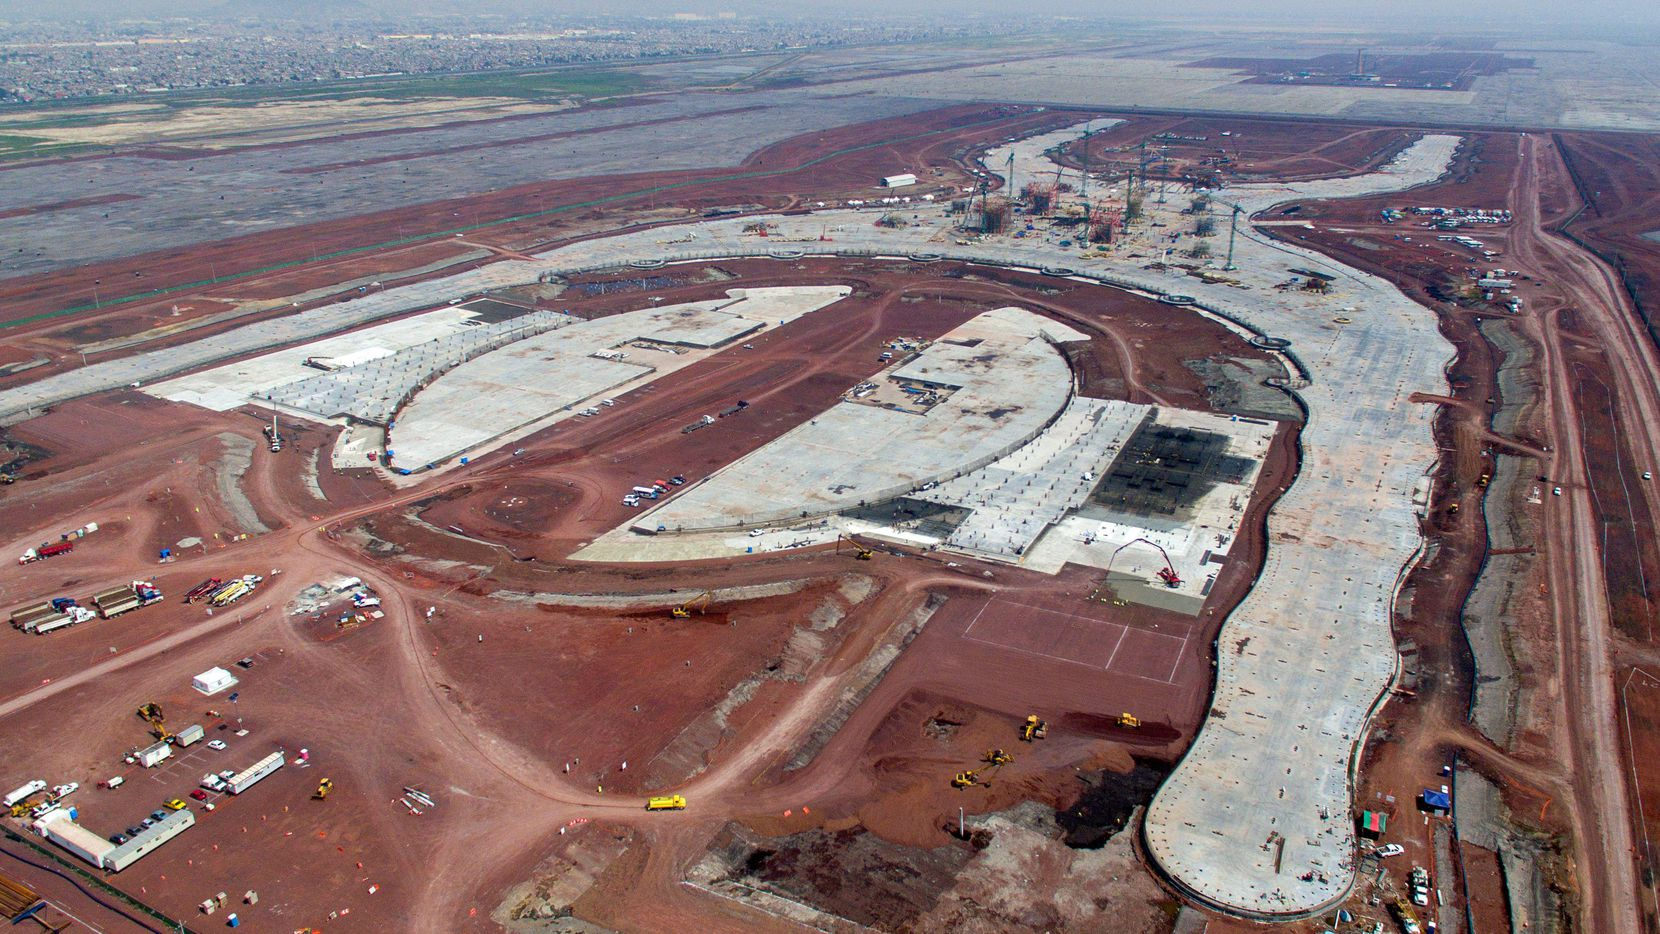 Vista aérea de la construcción del Nuevo Aeropuerto Internacional de la Ciudad de México, en Texcoco. (AFP/Getty Images/PEDRO PARDO)